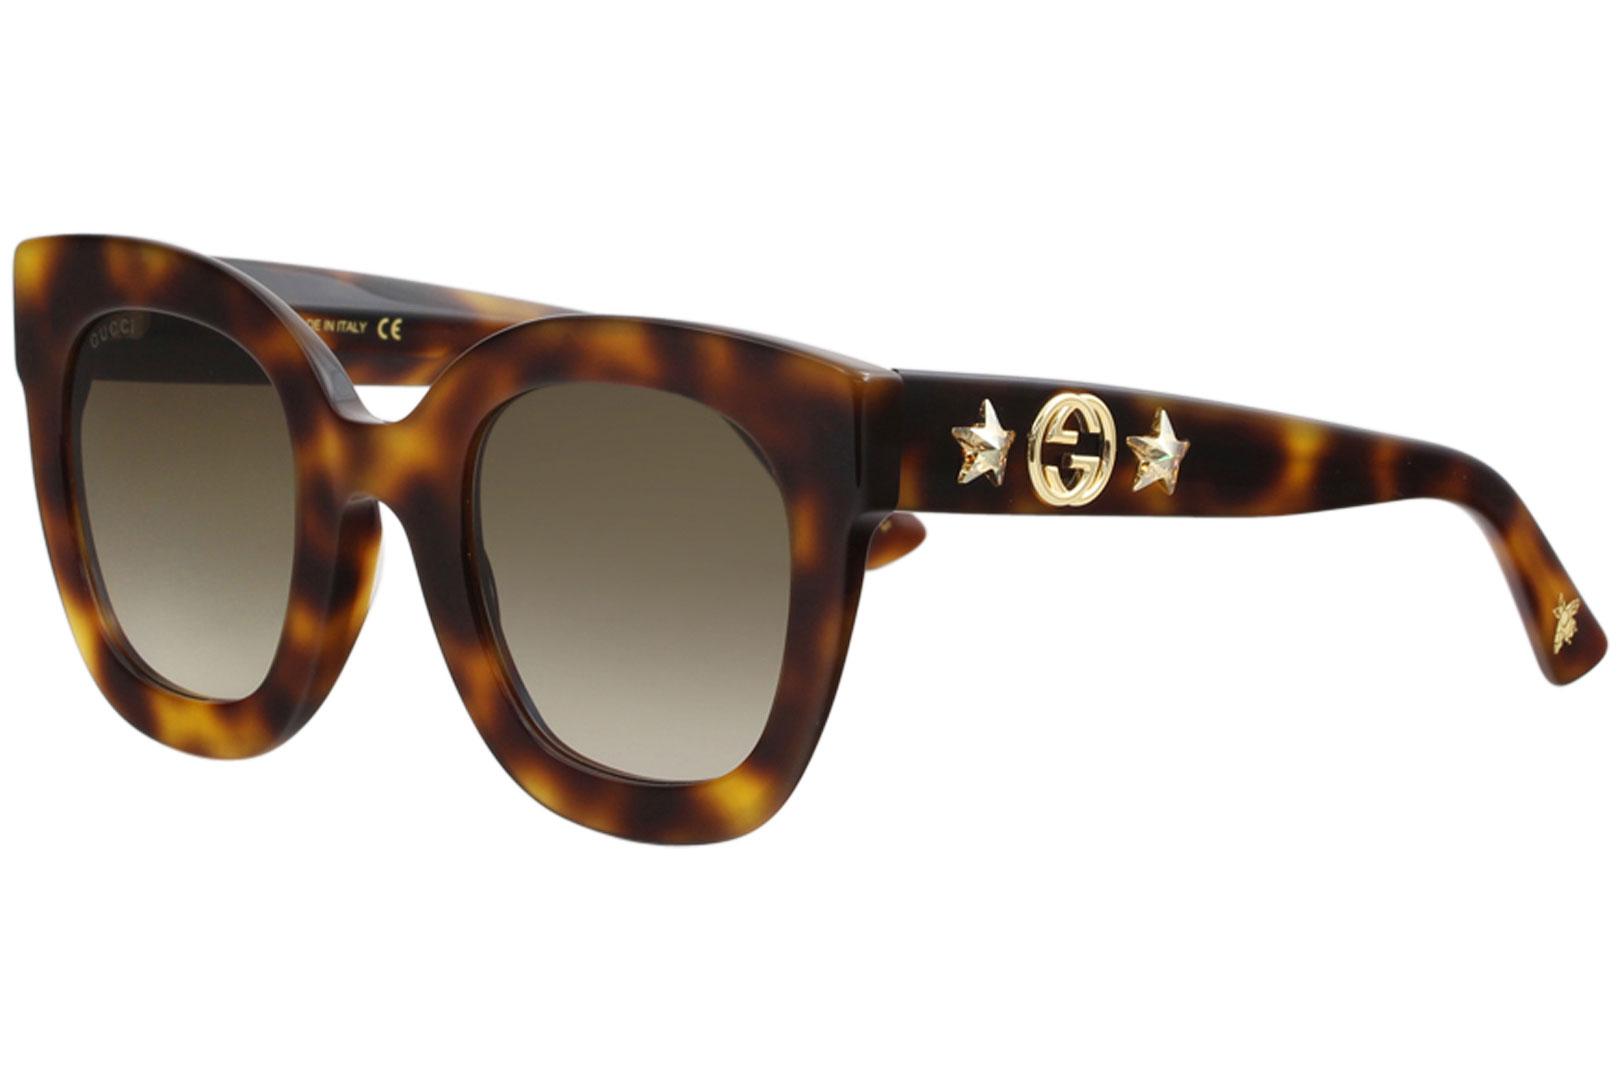 4f15fc83d79bc Gucci Women s GG0208S GG 0208 S 003 Havana Fashion Square Sunglasses ...